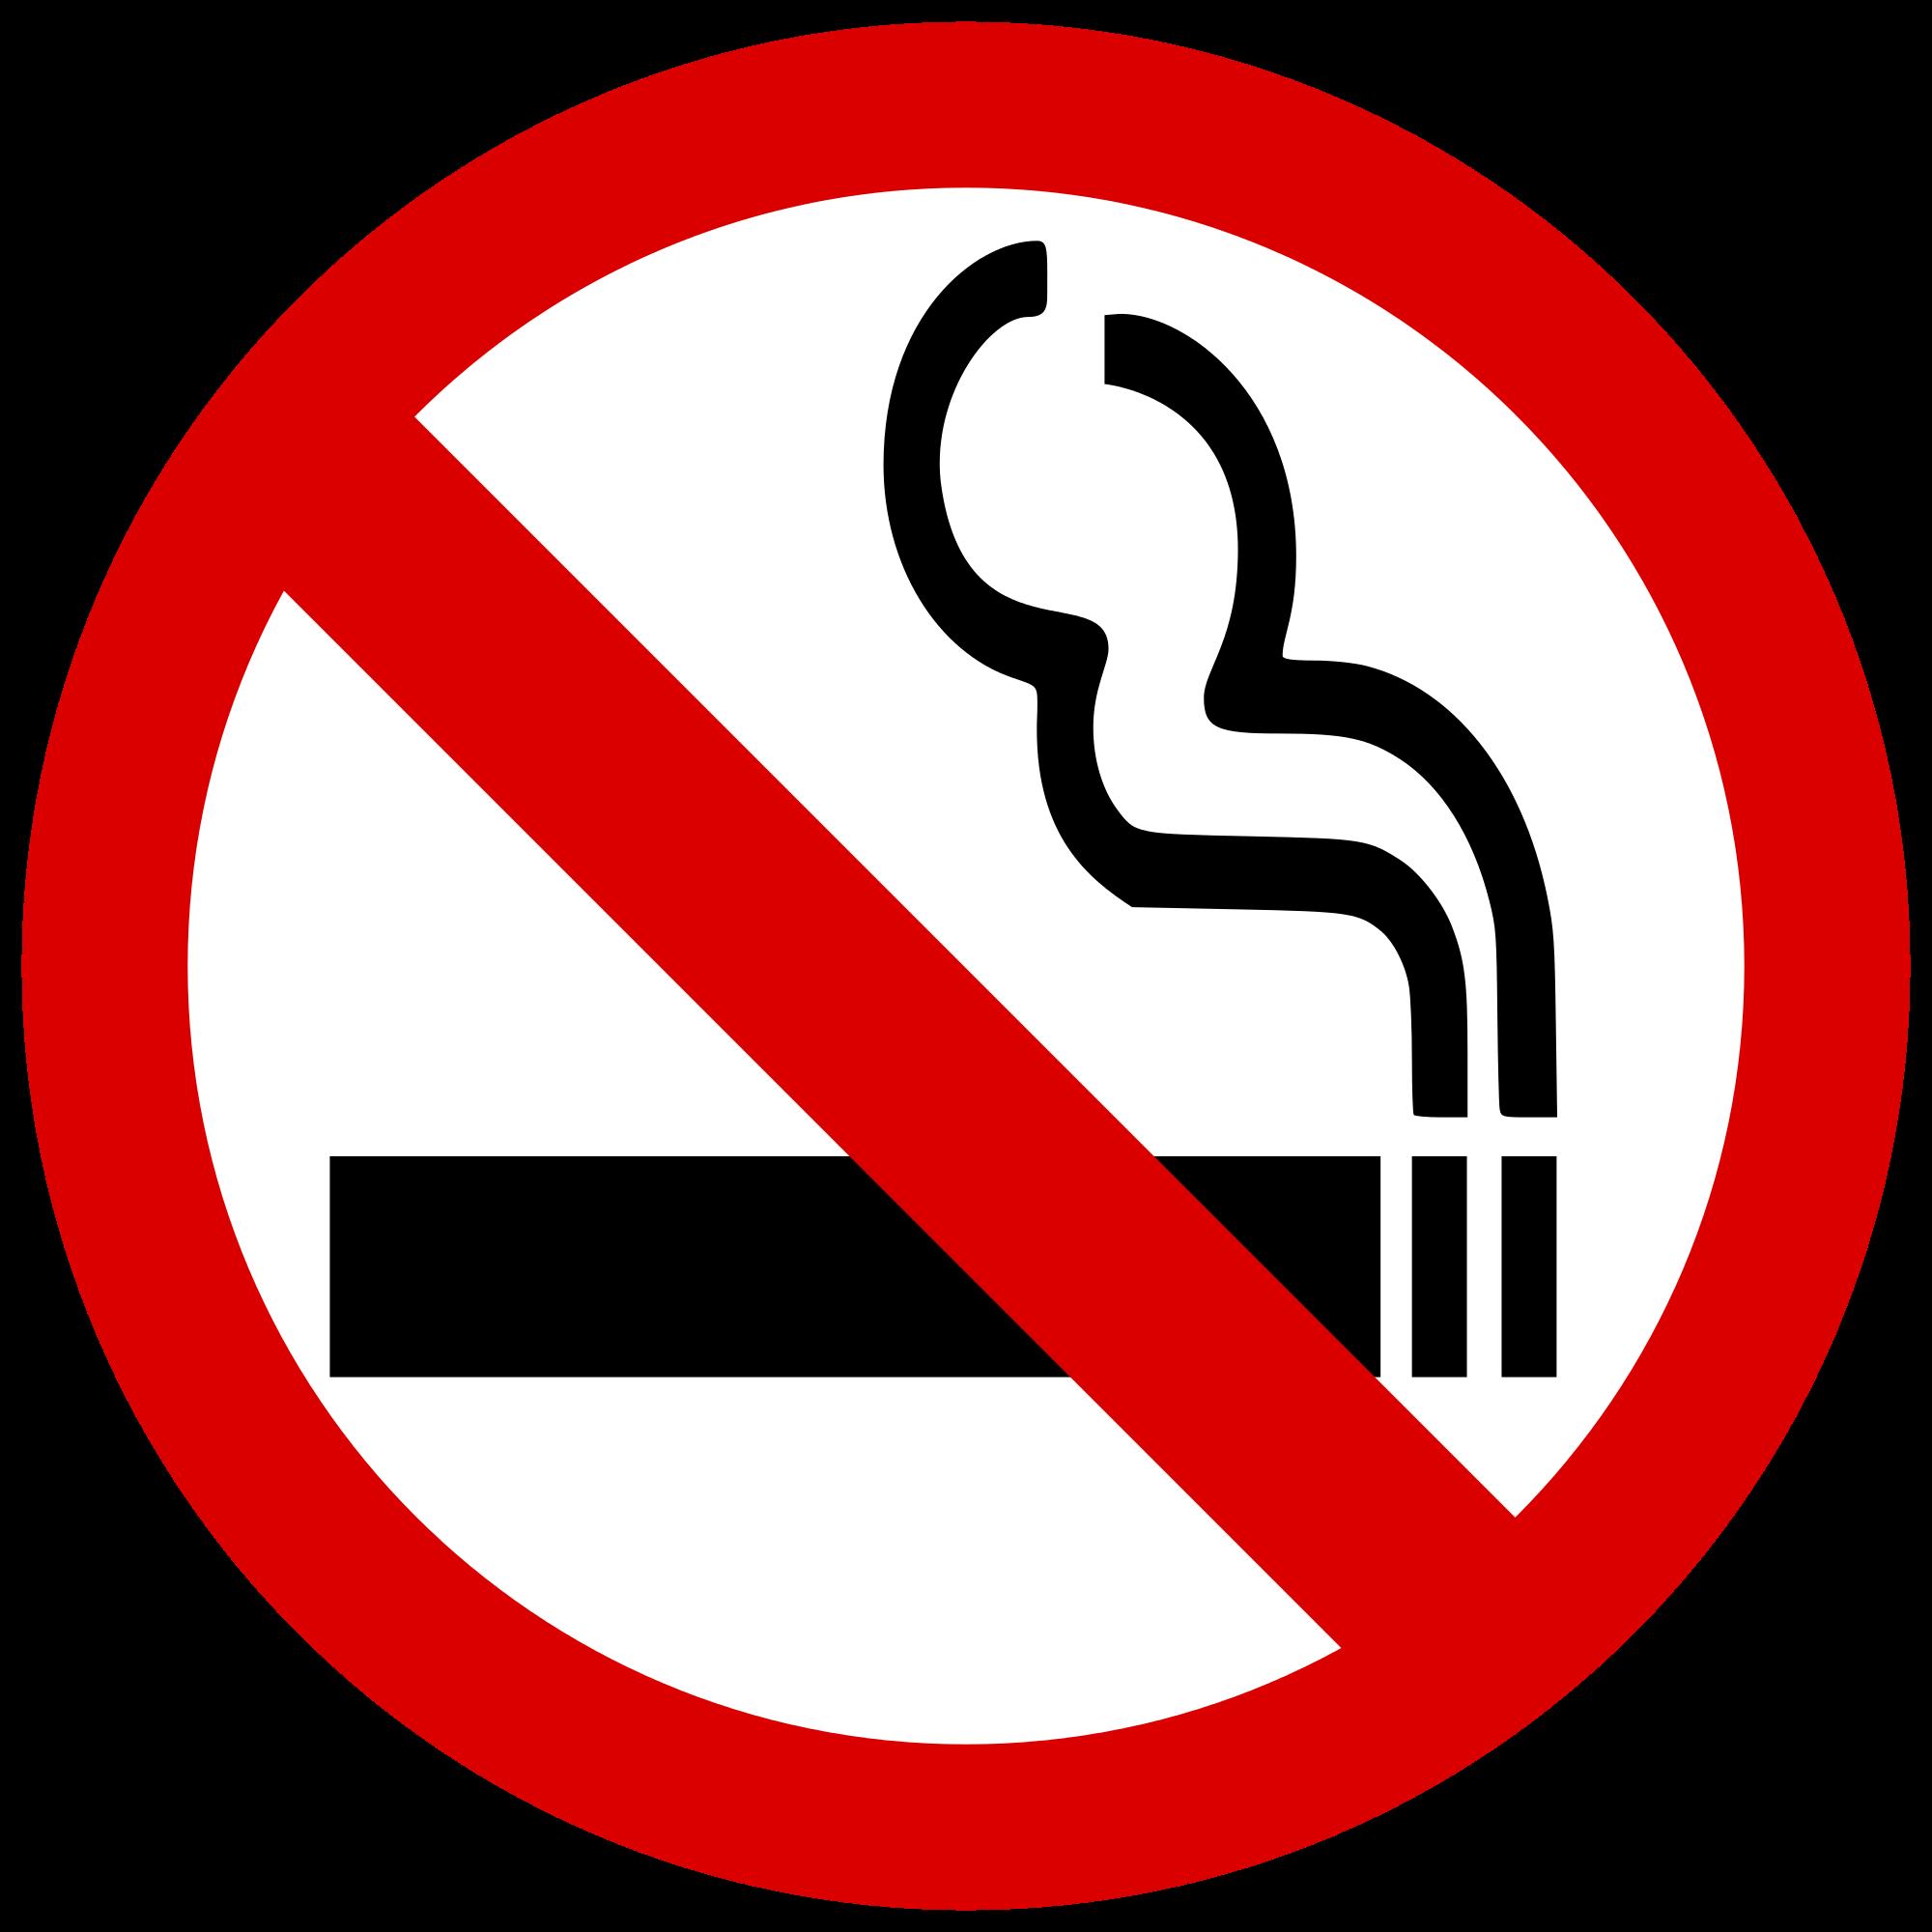 Smoke icon png. File no smoking symbol